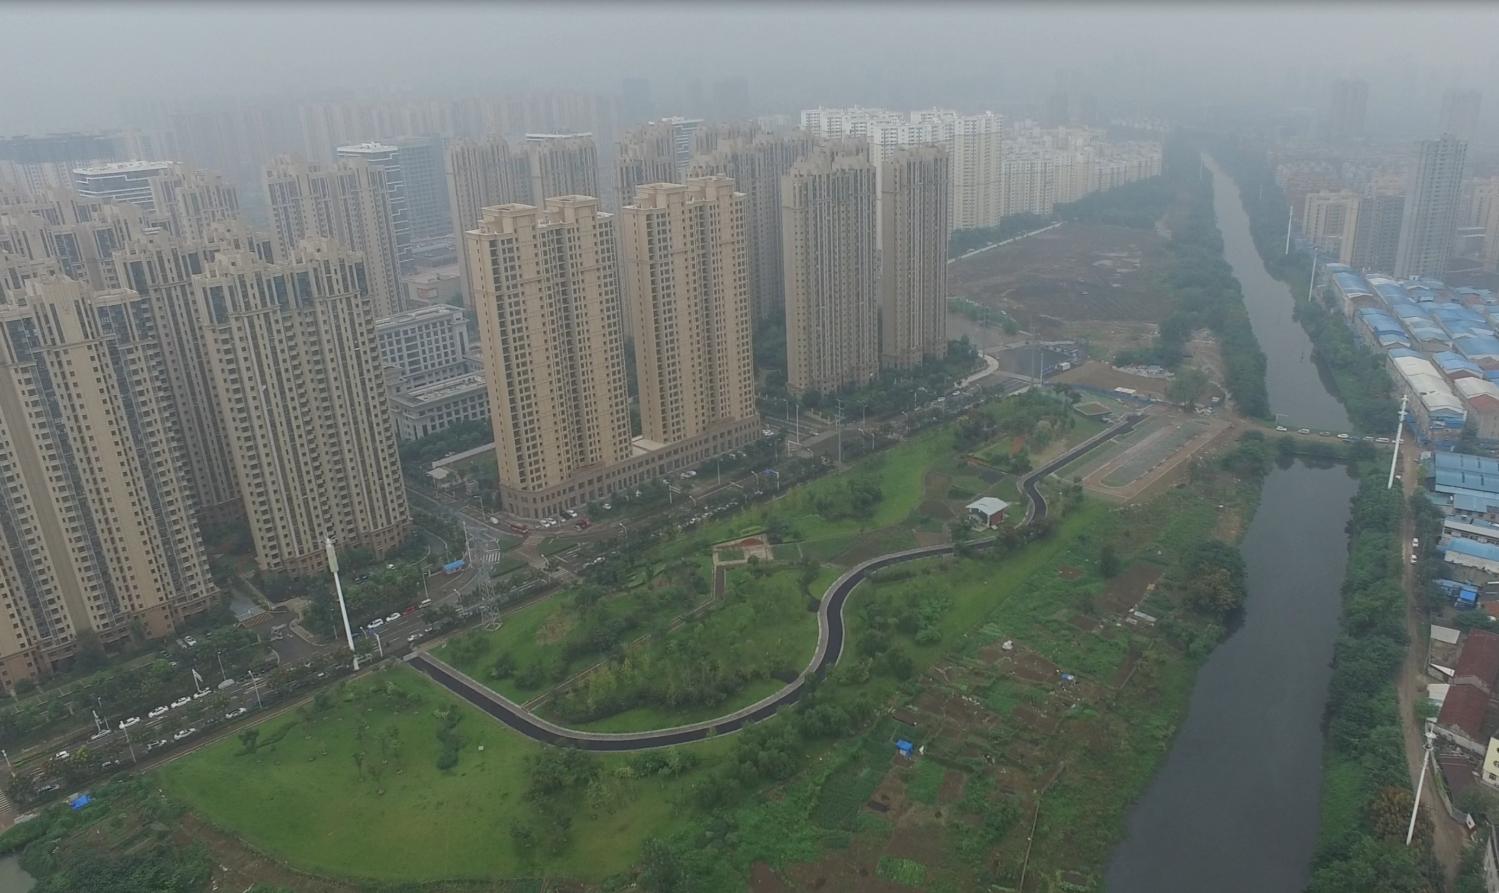 Houhu - storskaligt utbyggnadsområde typiskt för Wuhans utveckling under 2000-talet, med stora kvarter och grupper av skyskrapor.